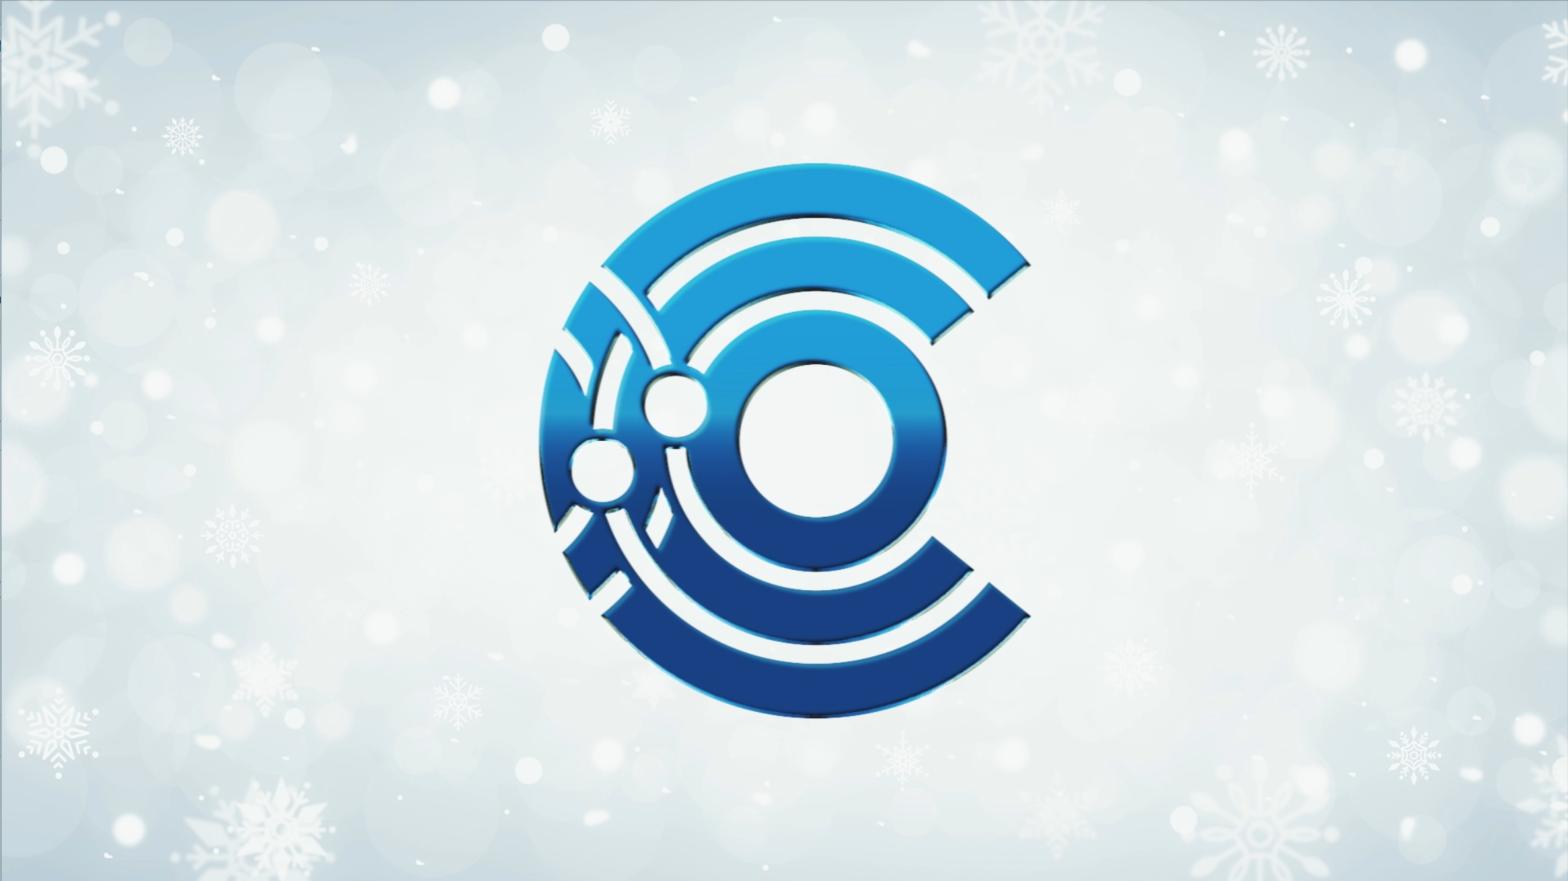 Seasons Greetings from Covalent Metrology